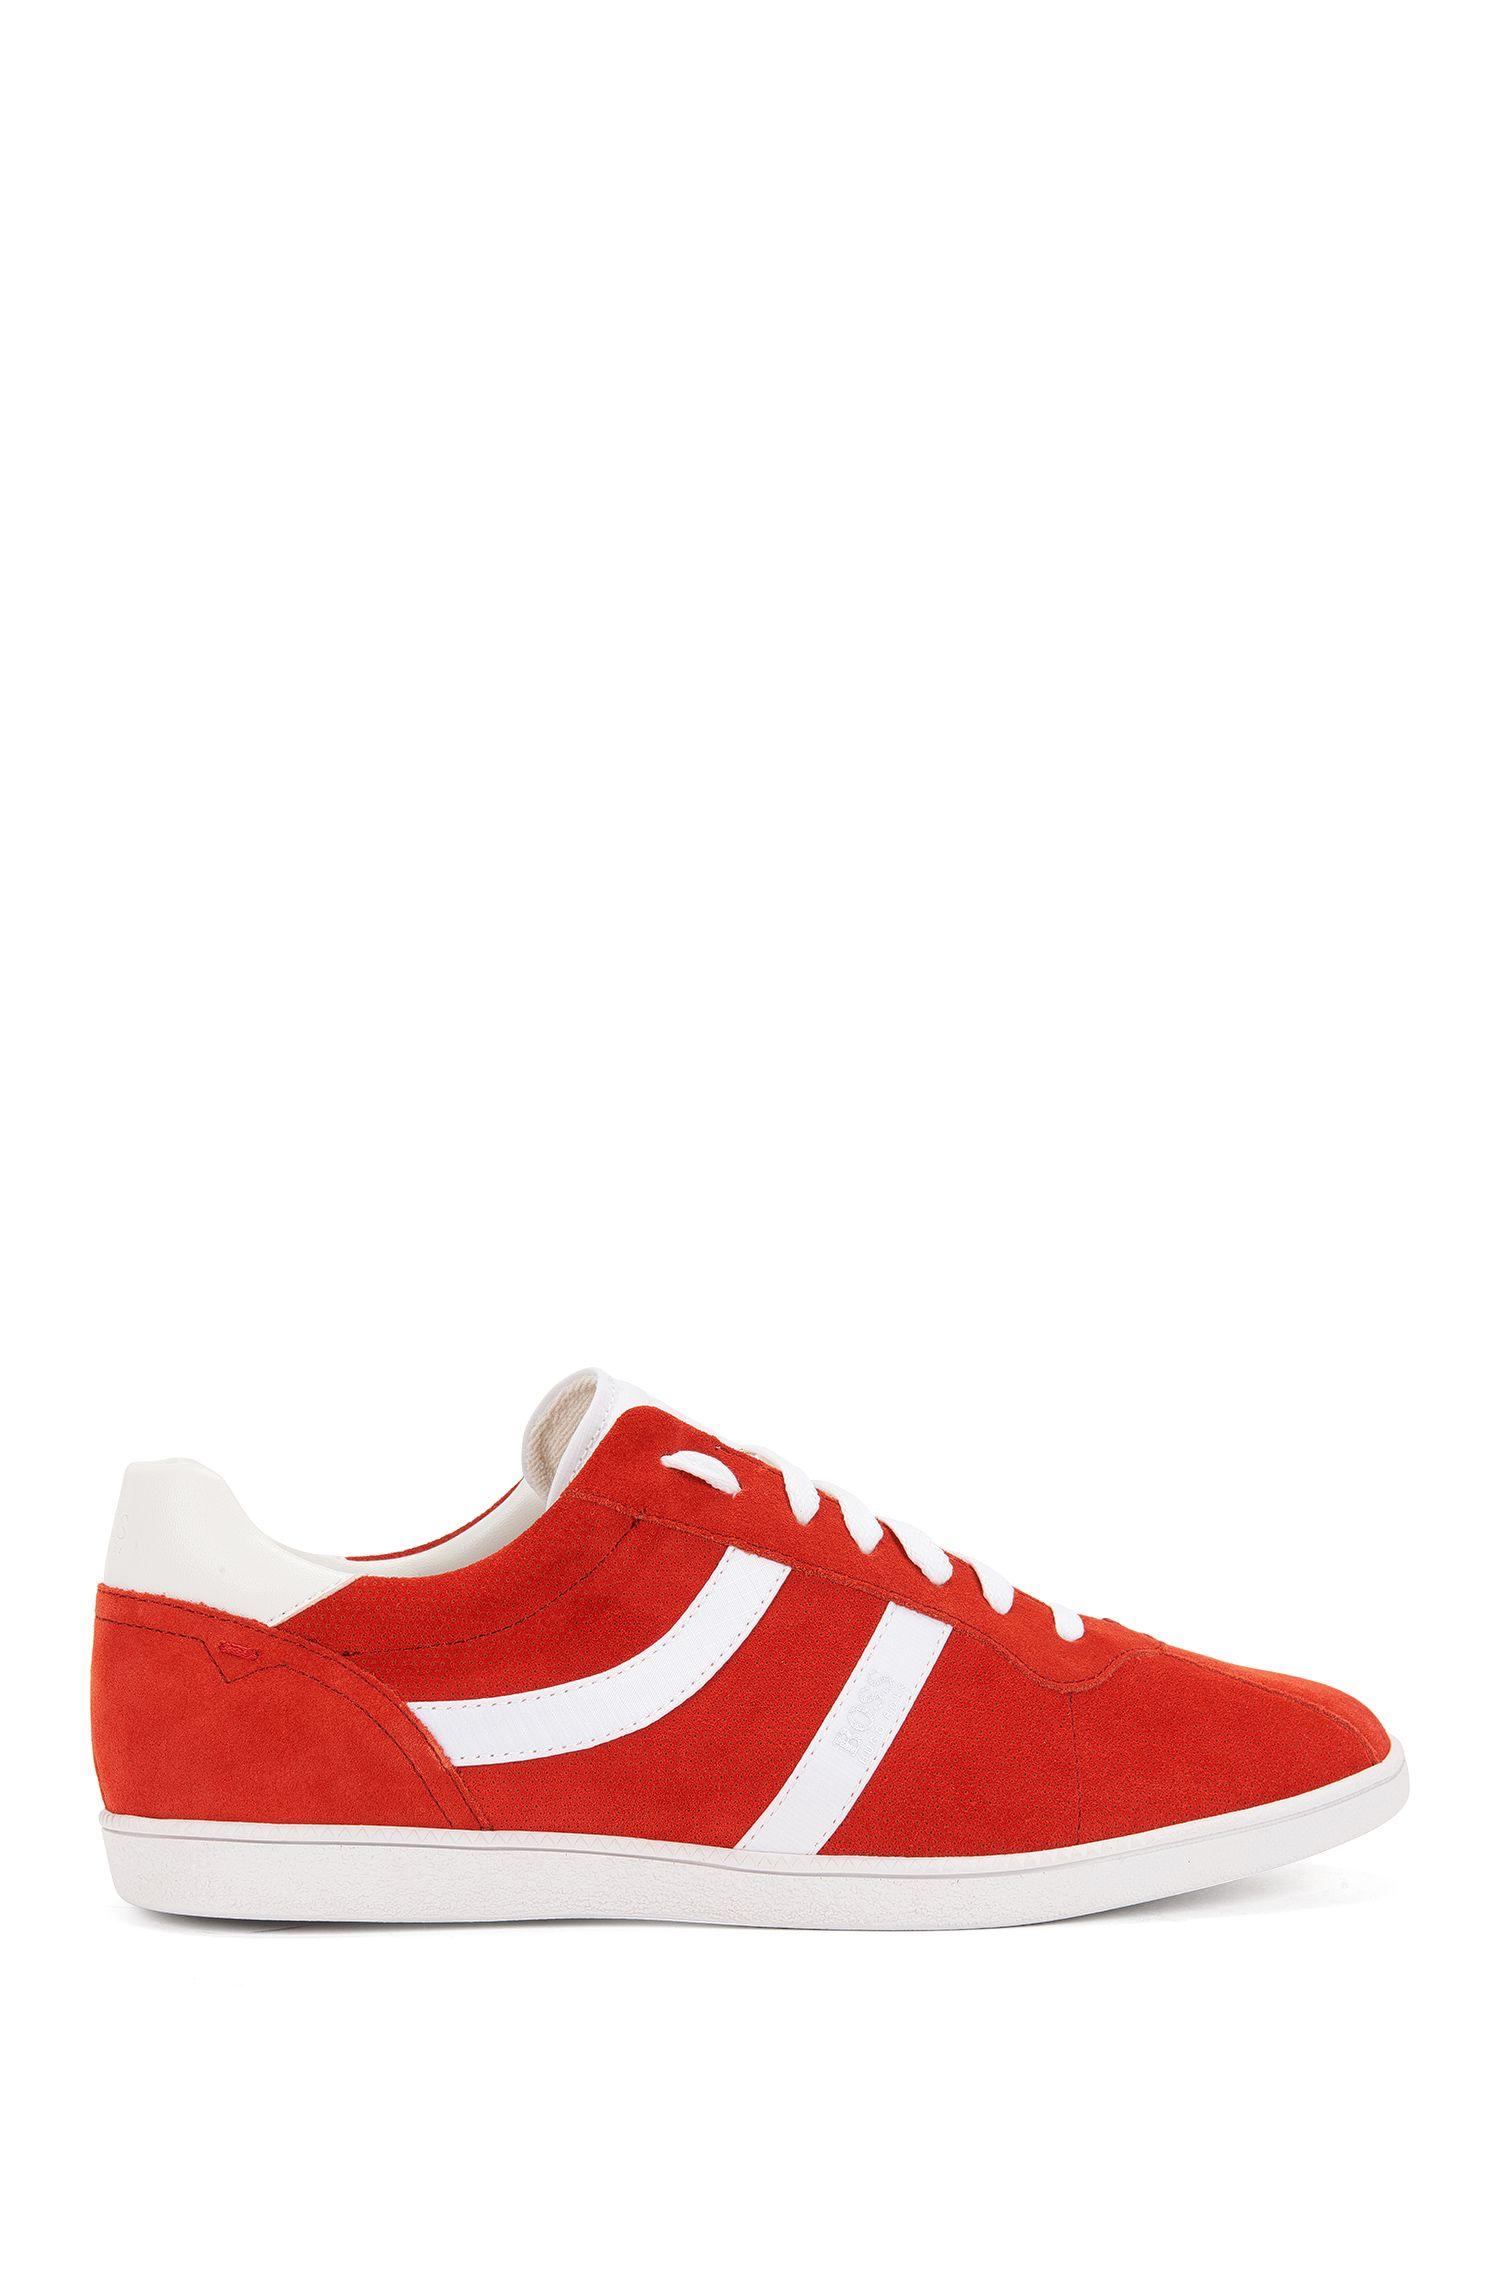 Sneakers aus perforiertem und glattem Veloursleder